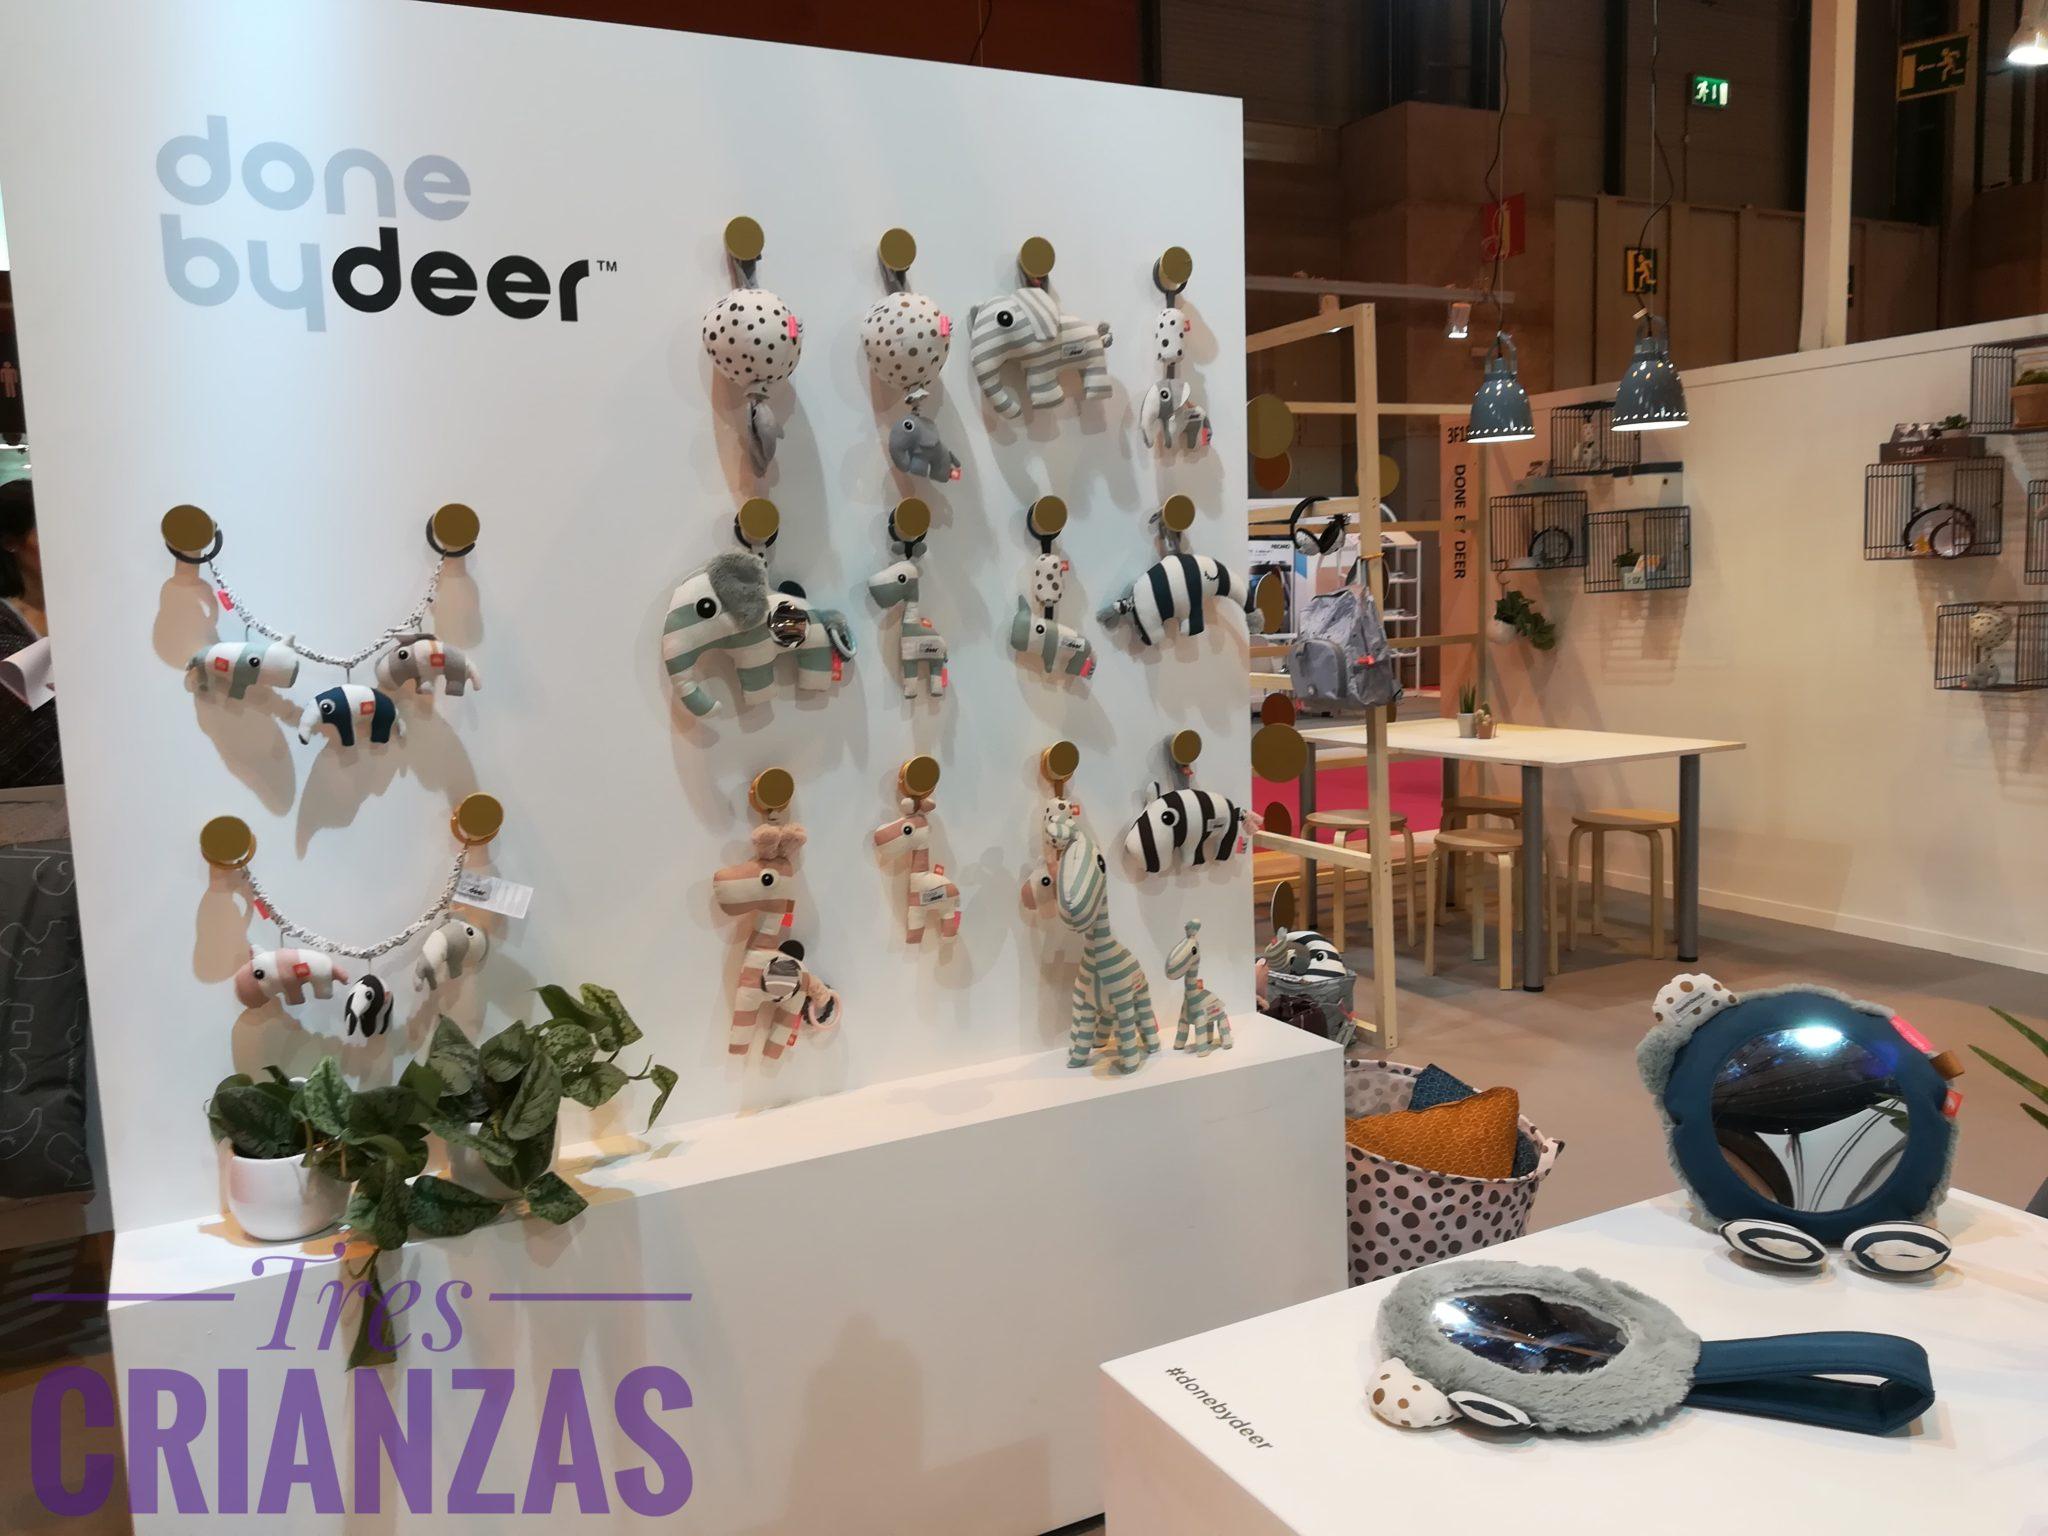 IMG 20171007 152547 01 - Puericultura Madrid 2017